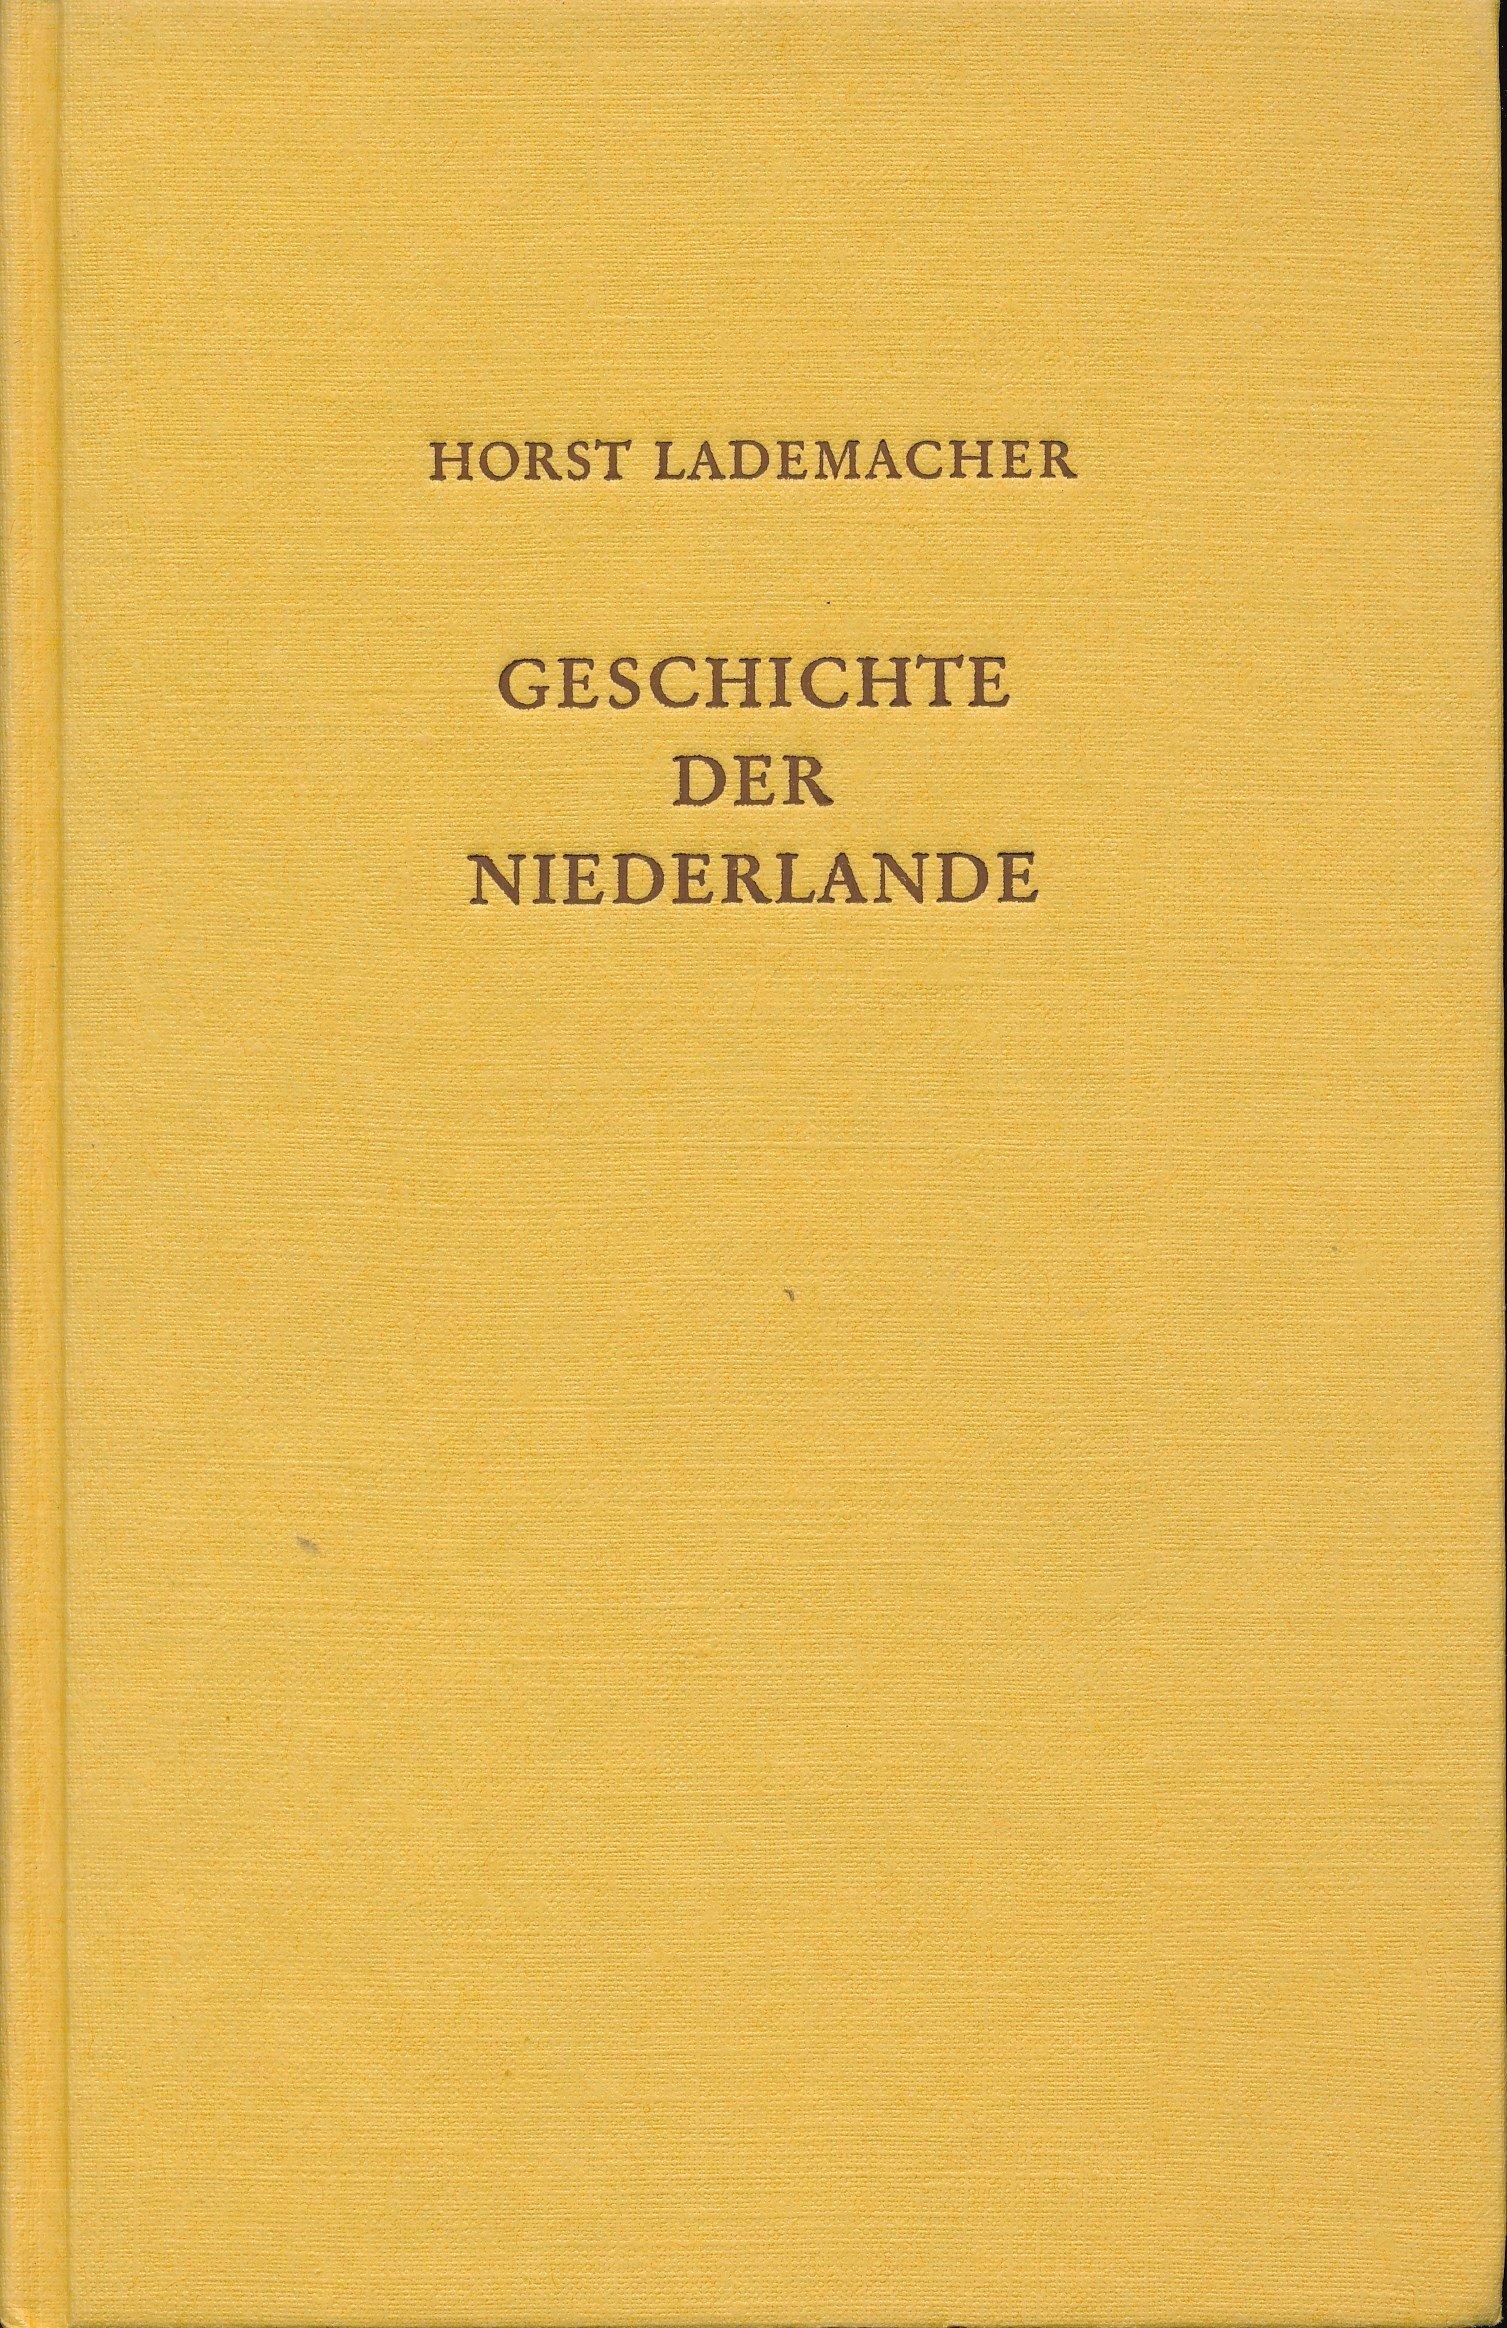 Geschichte der Niederlande. Politik - Verfassung - Wirtschaft